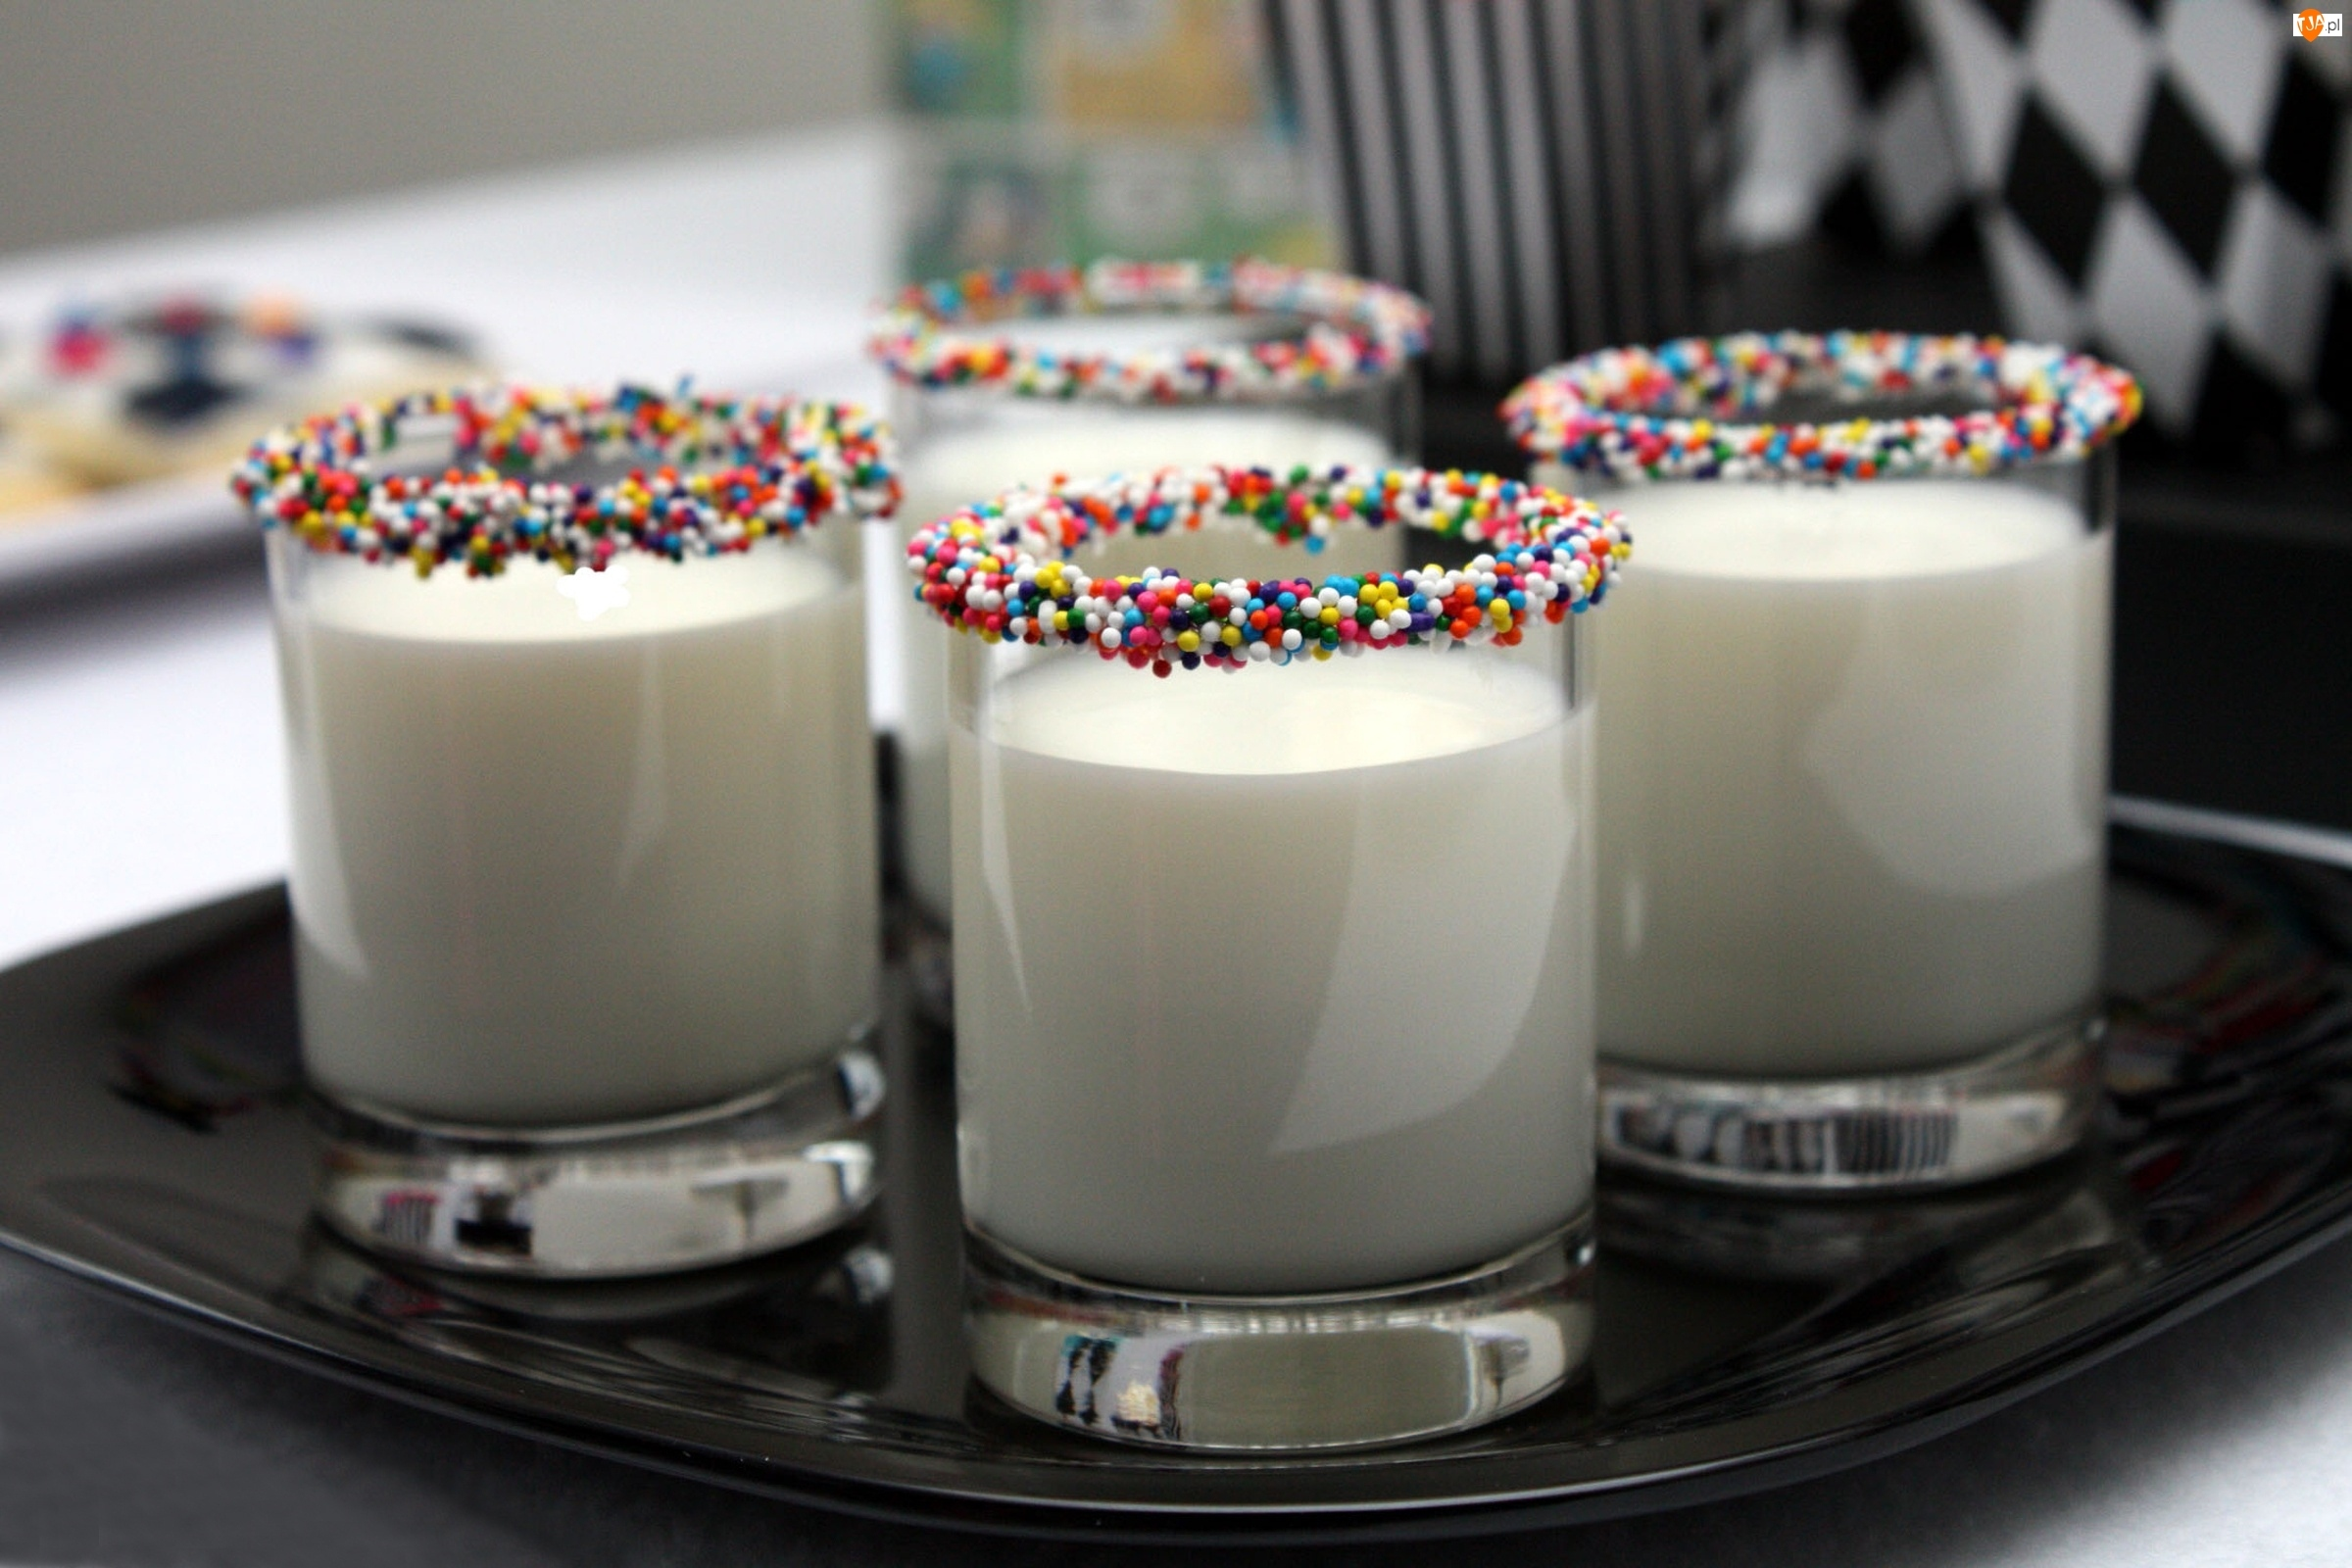 kolorowa posypka, mleko, szklanki